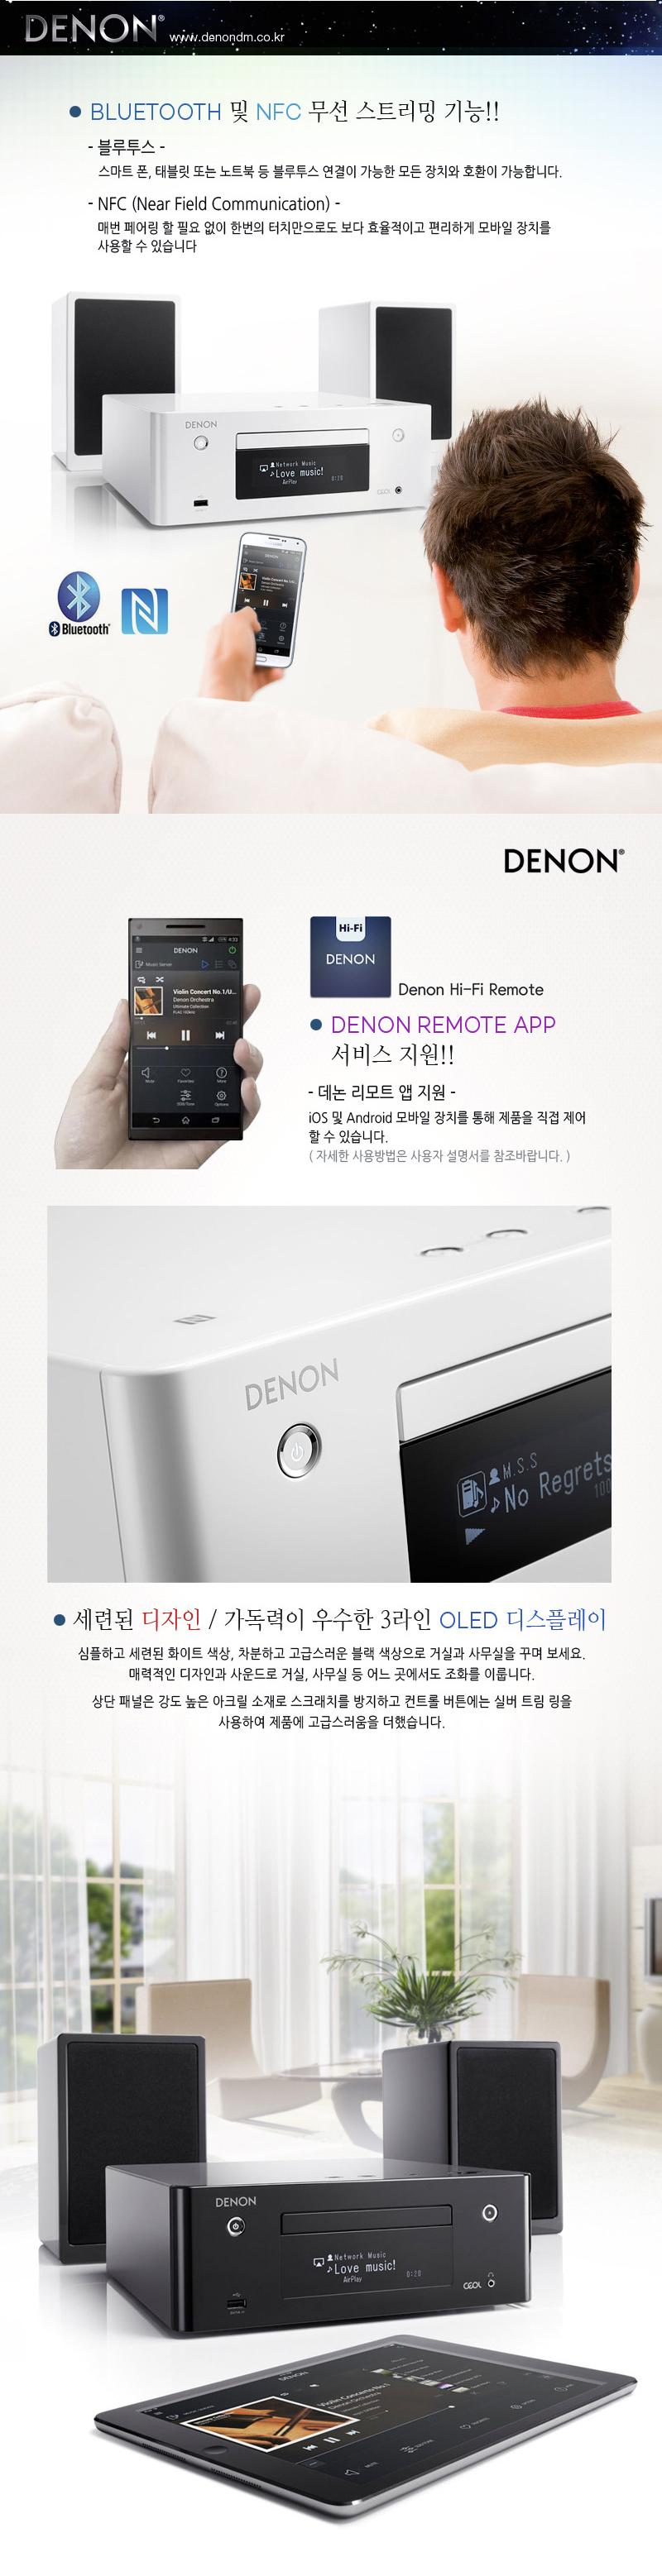 denon-n9_04.png